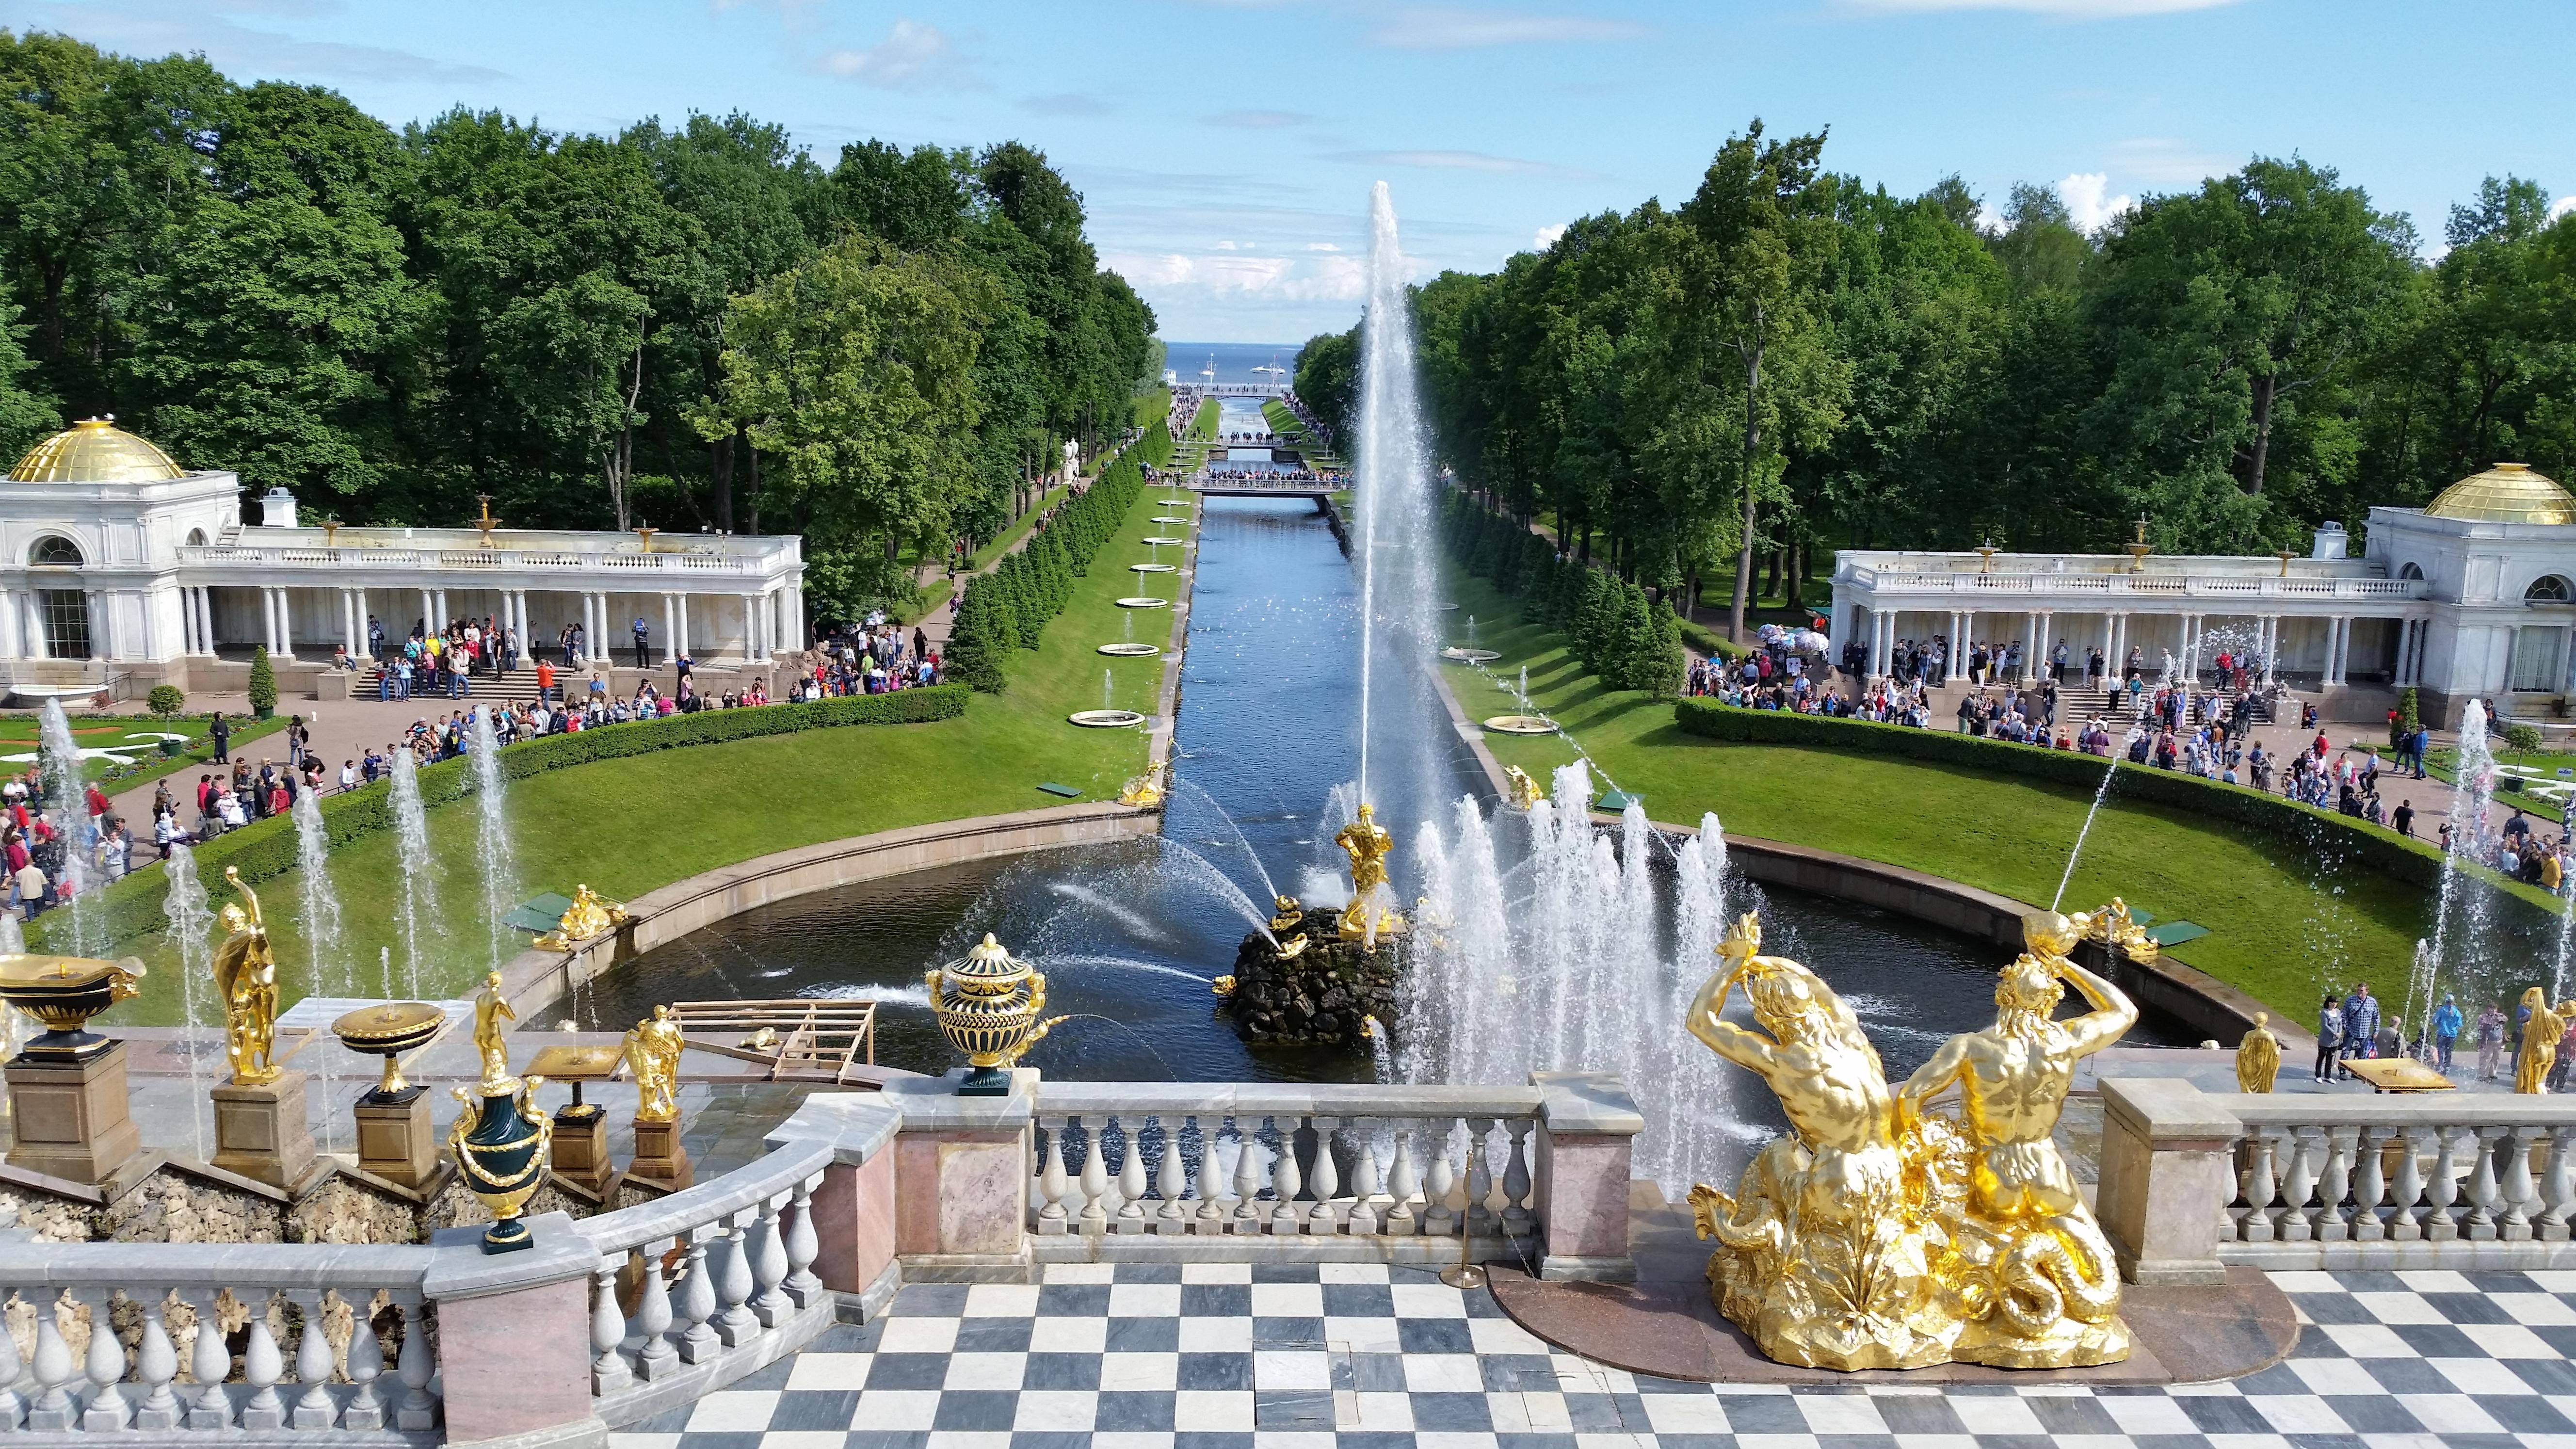 https://blog.shoreexcursionsgroup.com/wp-content/uploads/2014/08/Peterhof-Palace-Grand-Cascade.jpg